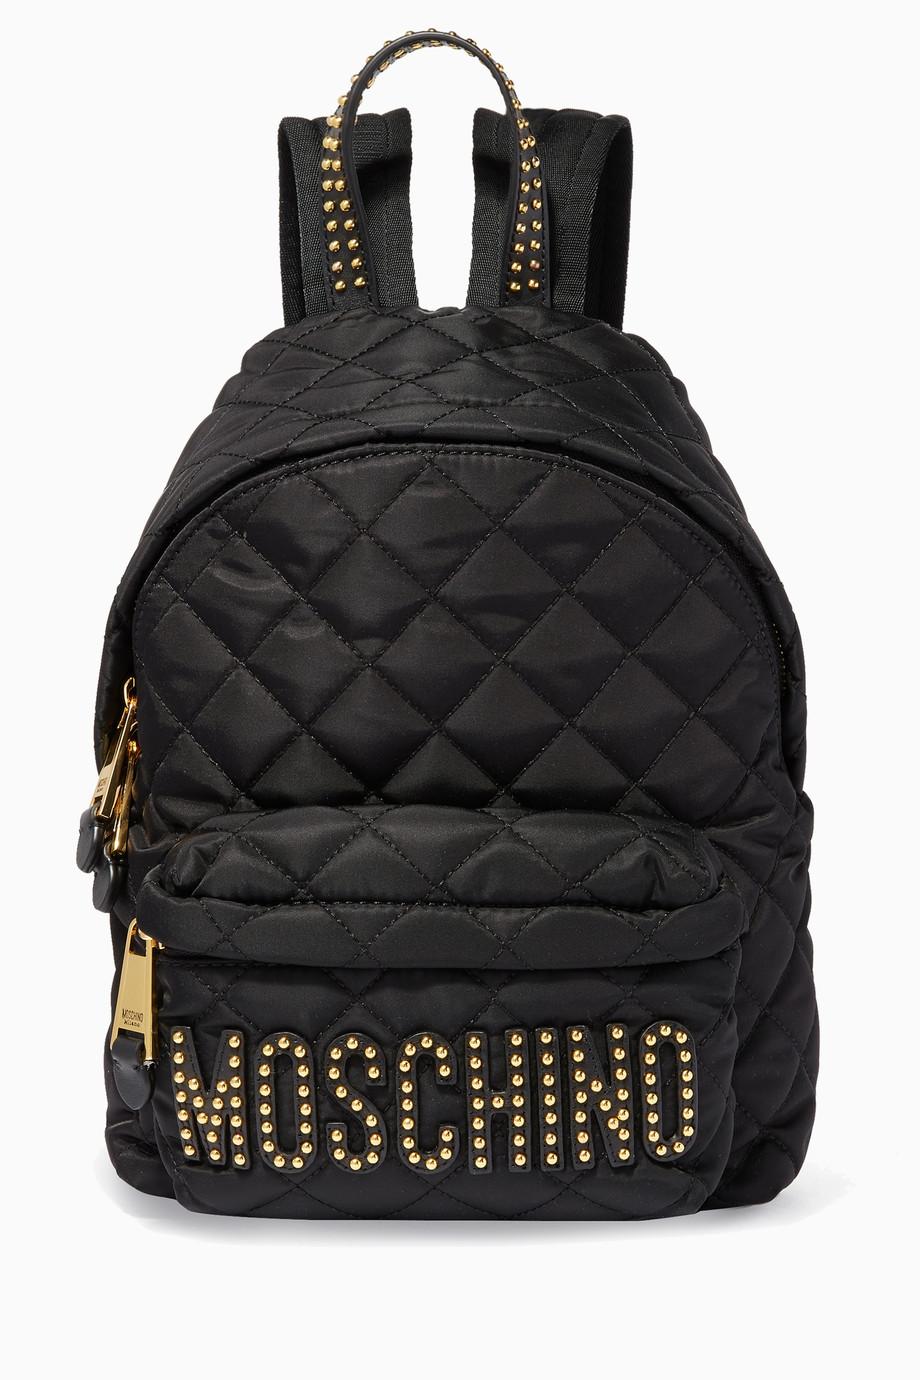 dfa29b79c تسوق حقيبة ظهر متوسطة مبطنة سوداء Moschino أسود للنساء | اُناس السعودية